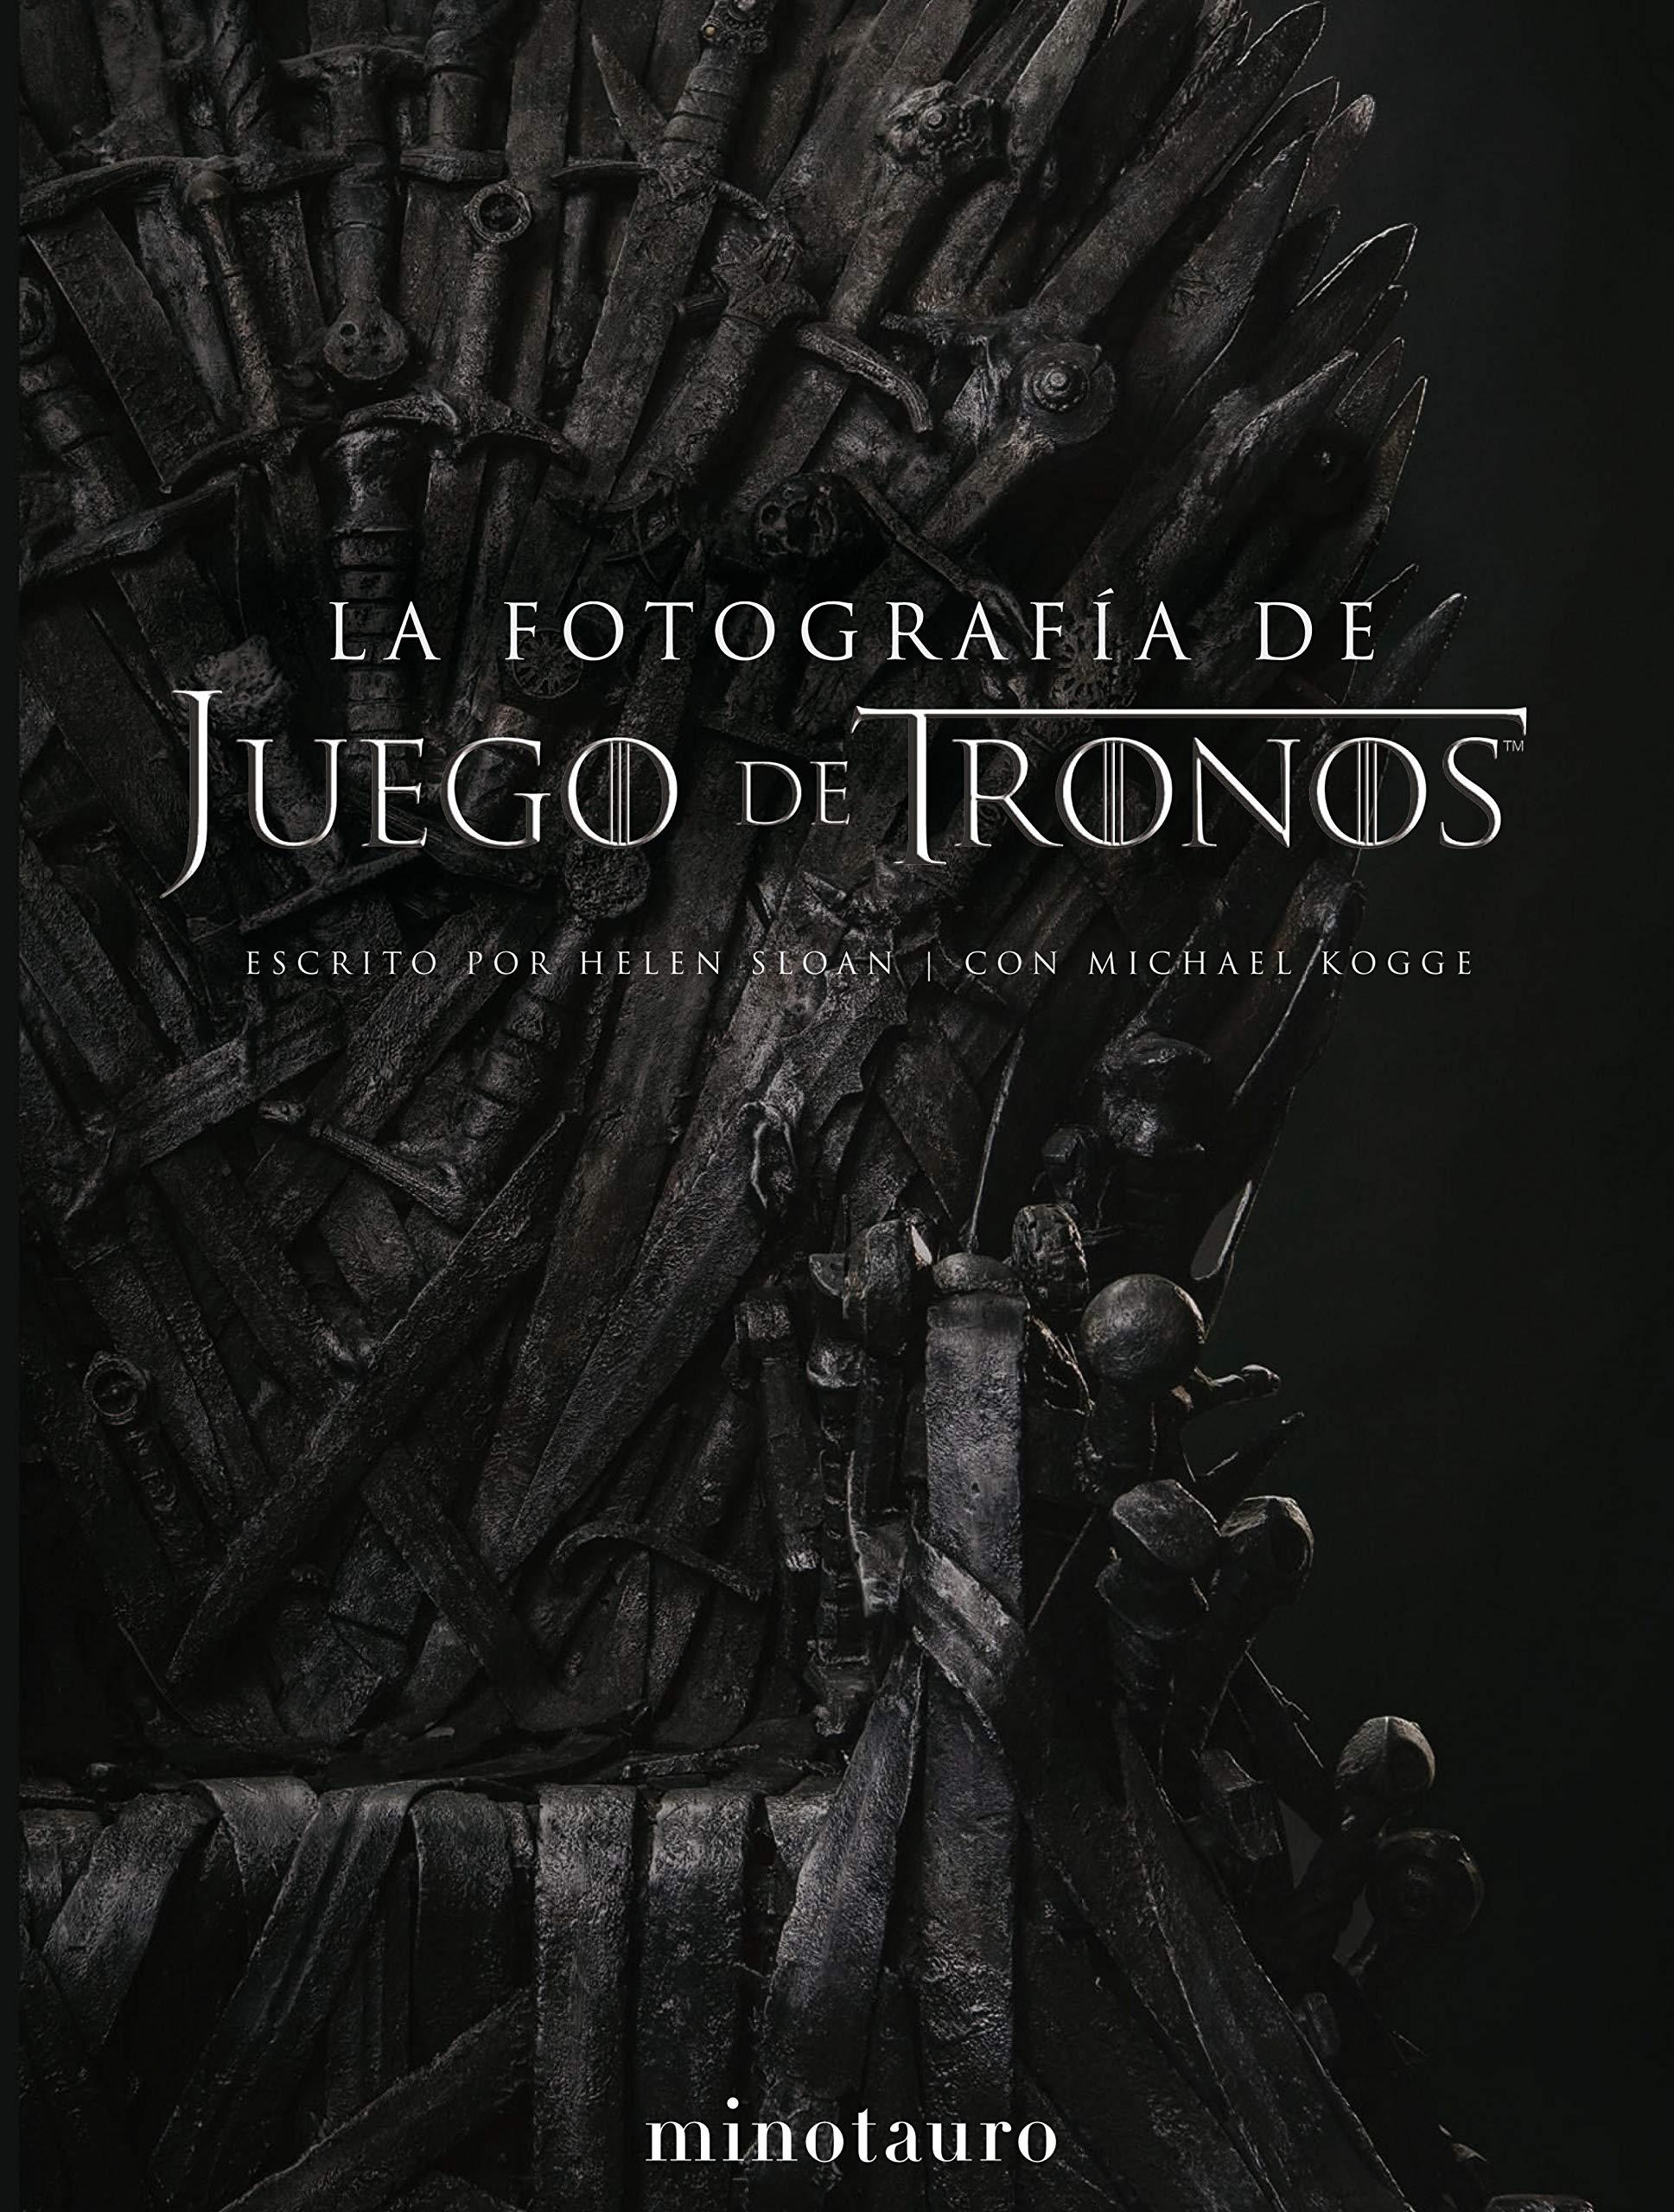 Juego de Tronos. Fotografía (Series y Películas): Amazon.es: Sloan ...